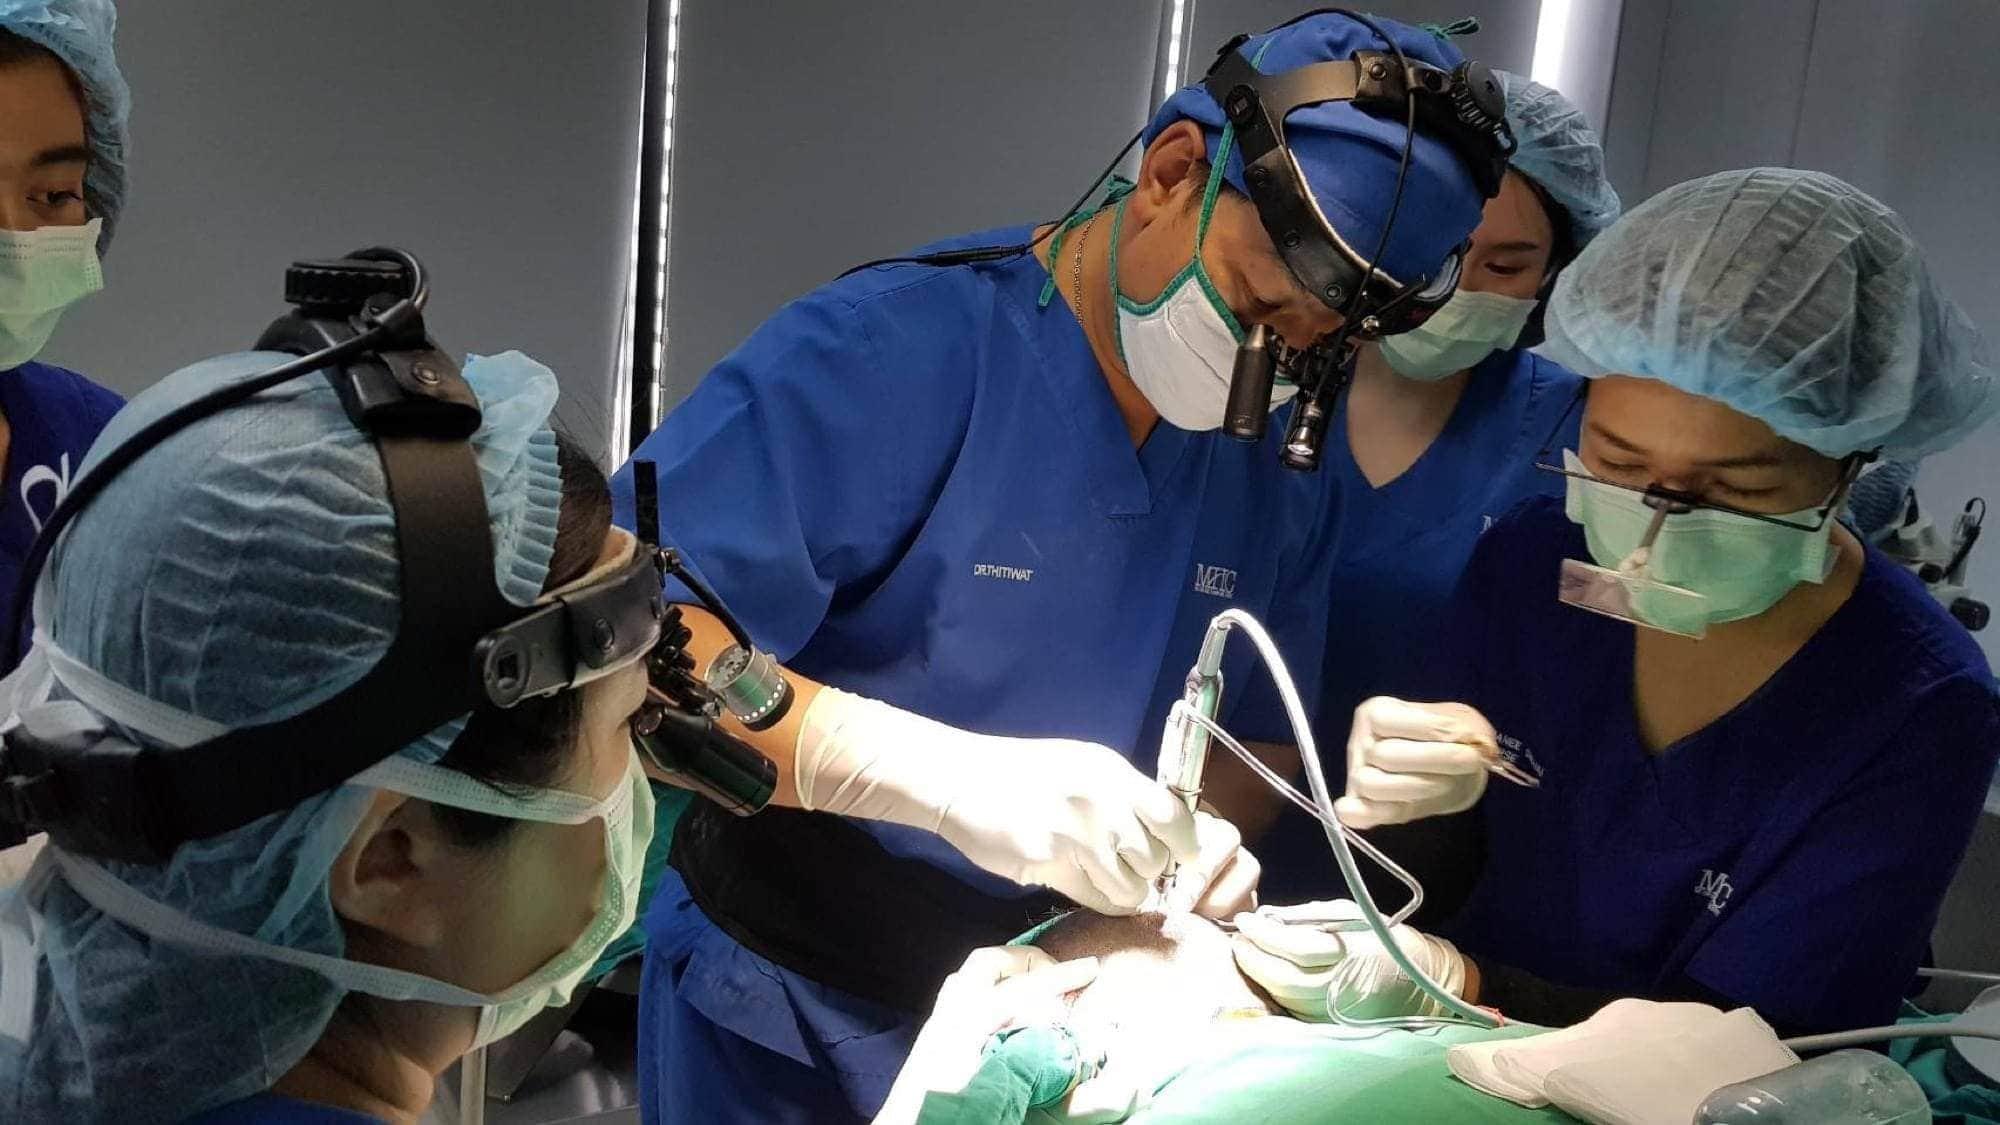 รีวิวการปลูกผม กับเรื่องราว ณ วันผ่าตัด 13